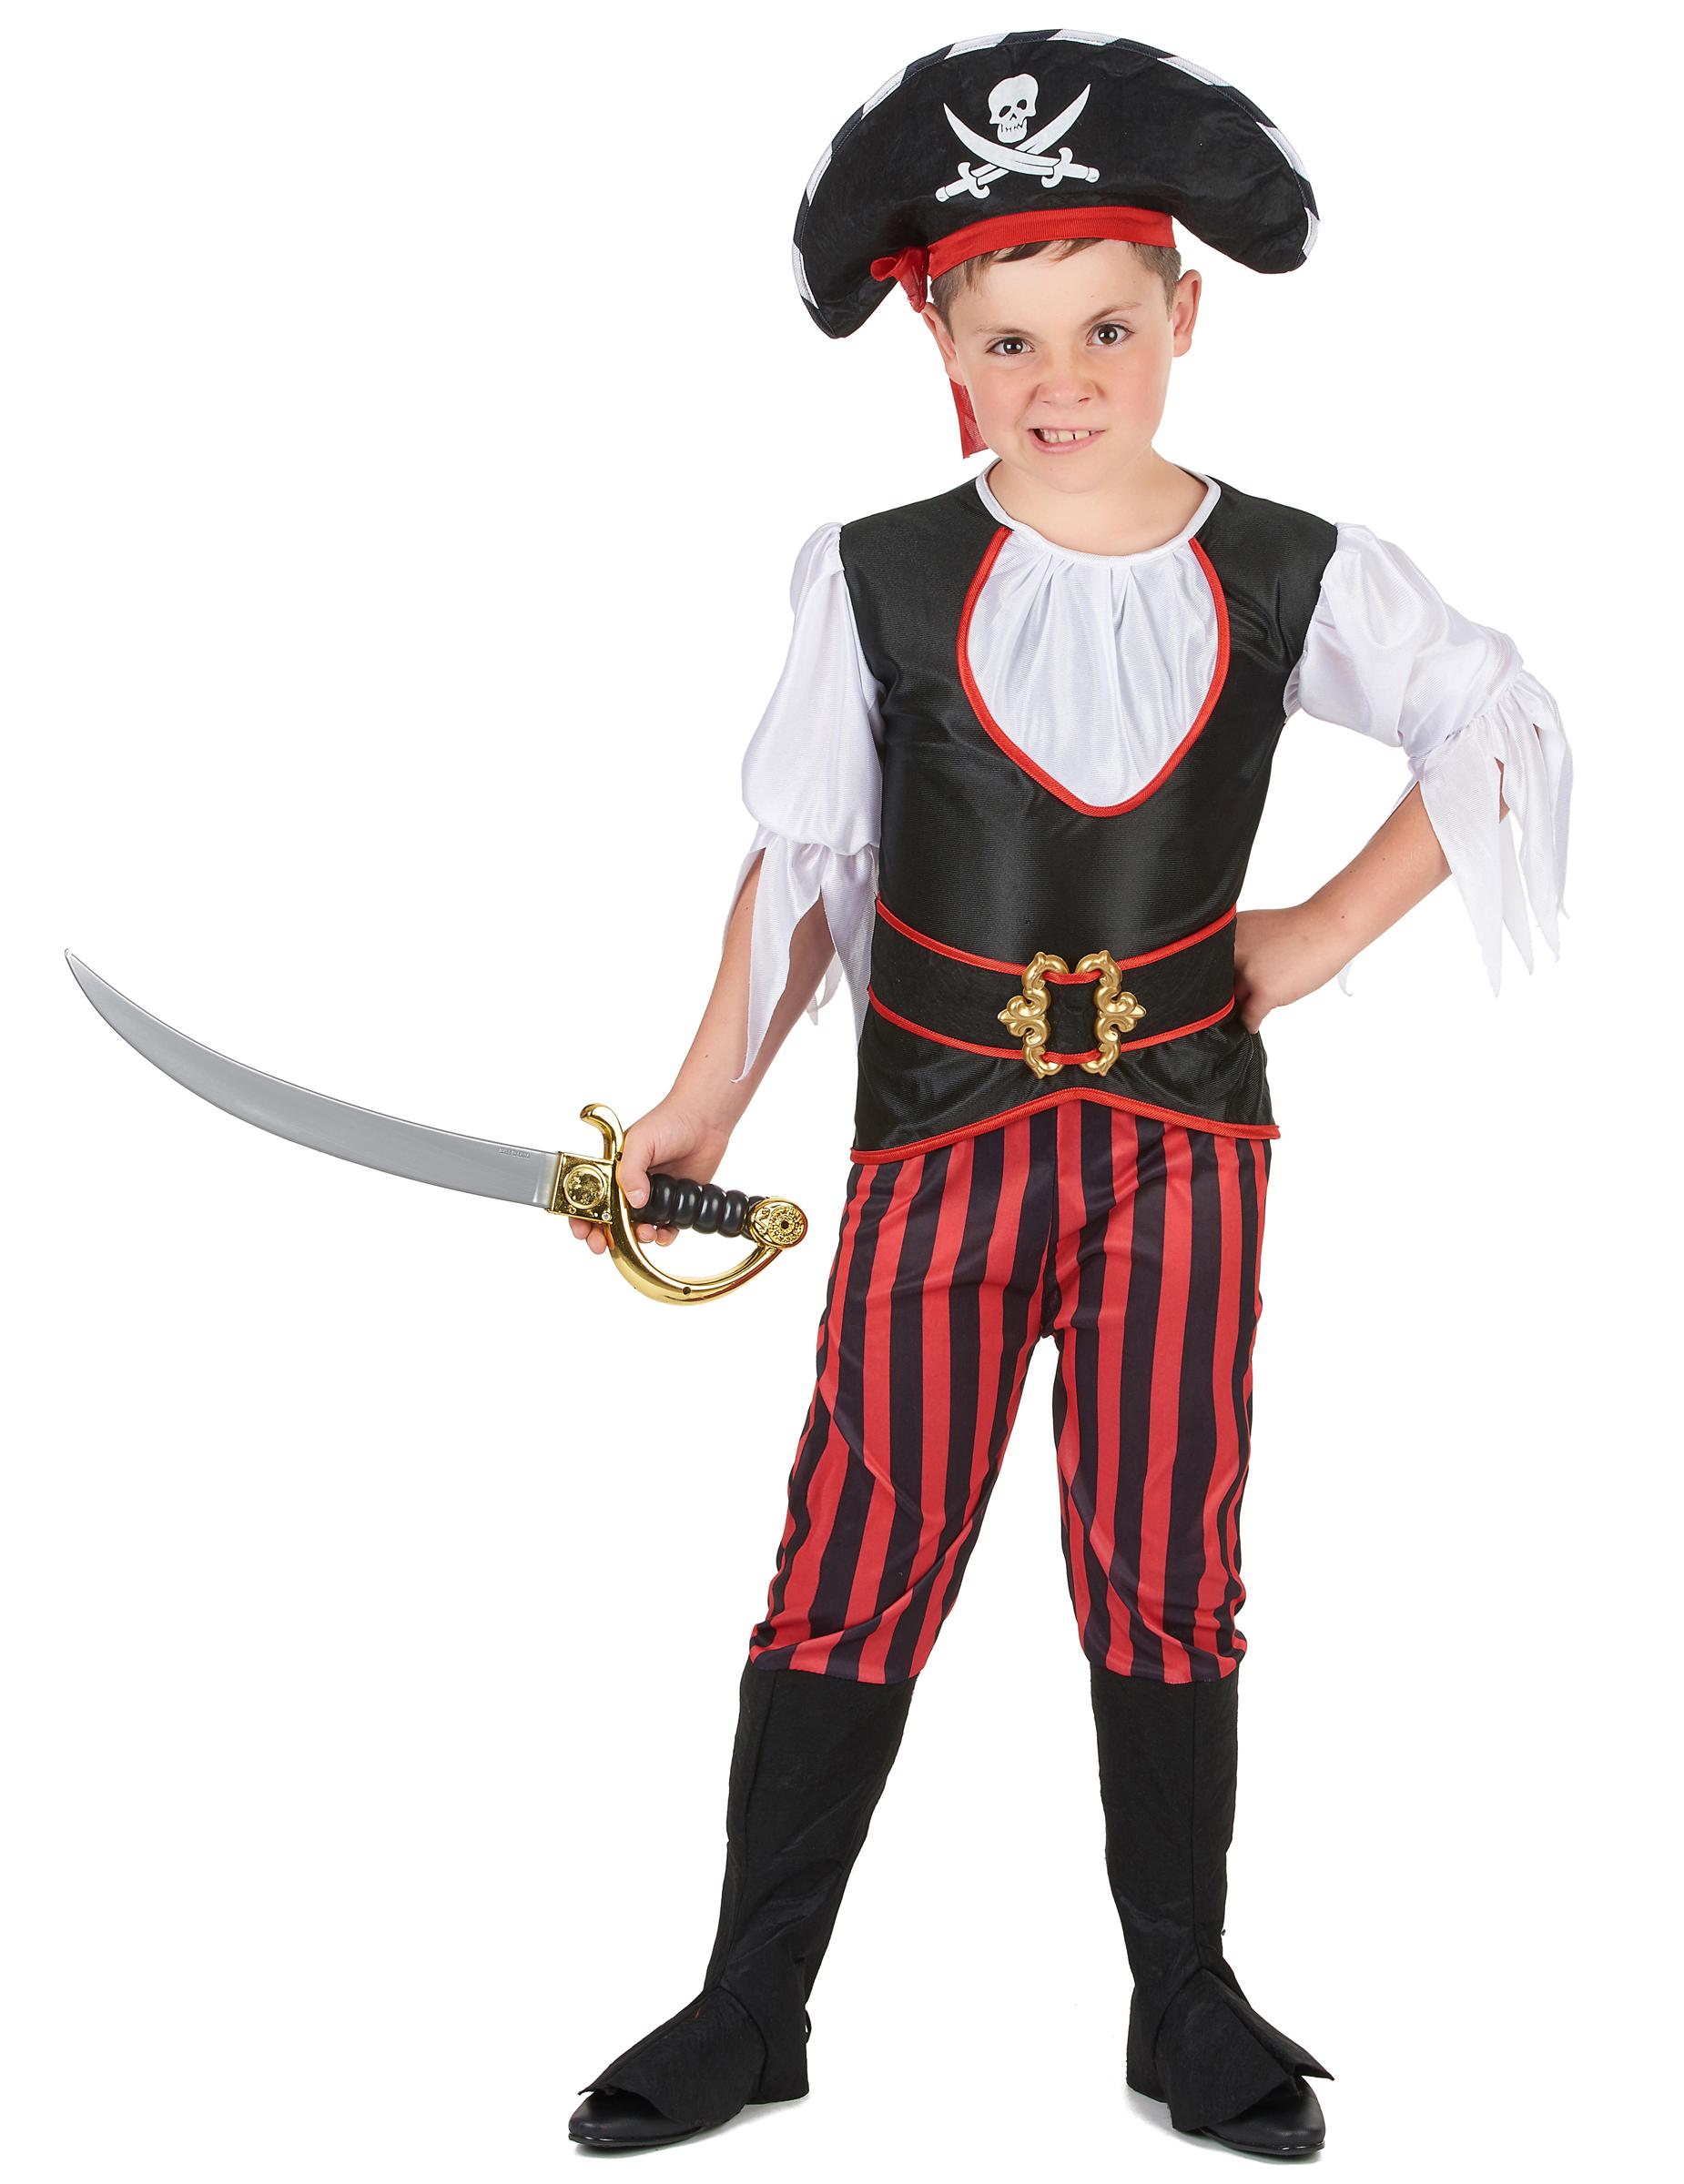 Piraten Faschingskostum Fur Jungen Bunt Kostume Fur Kinder Und